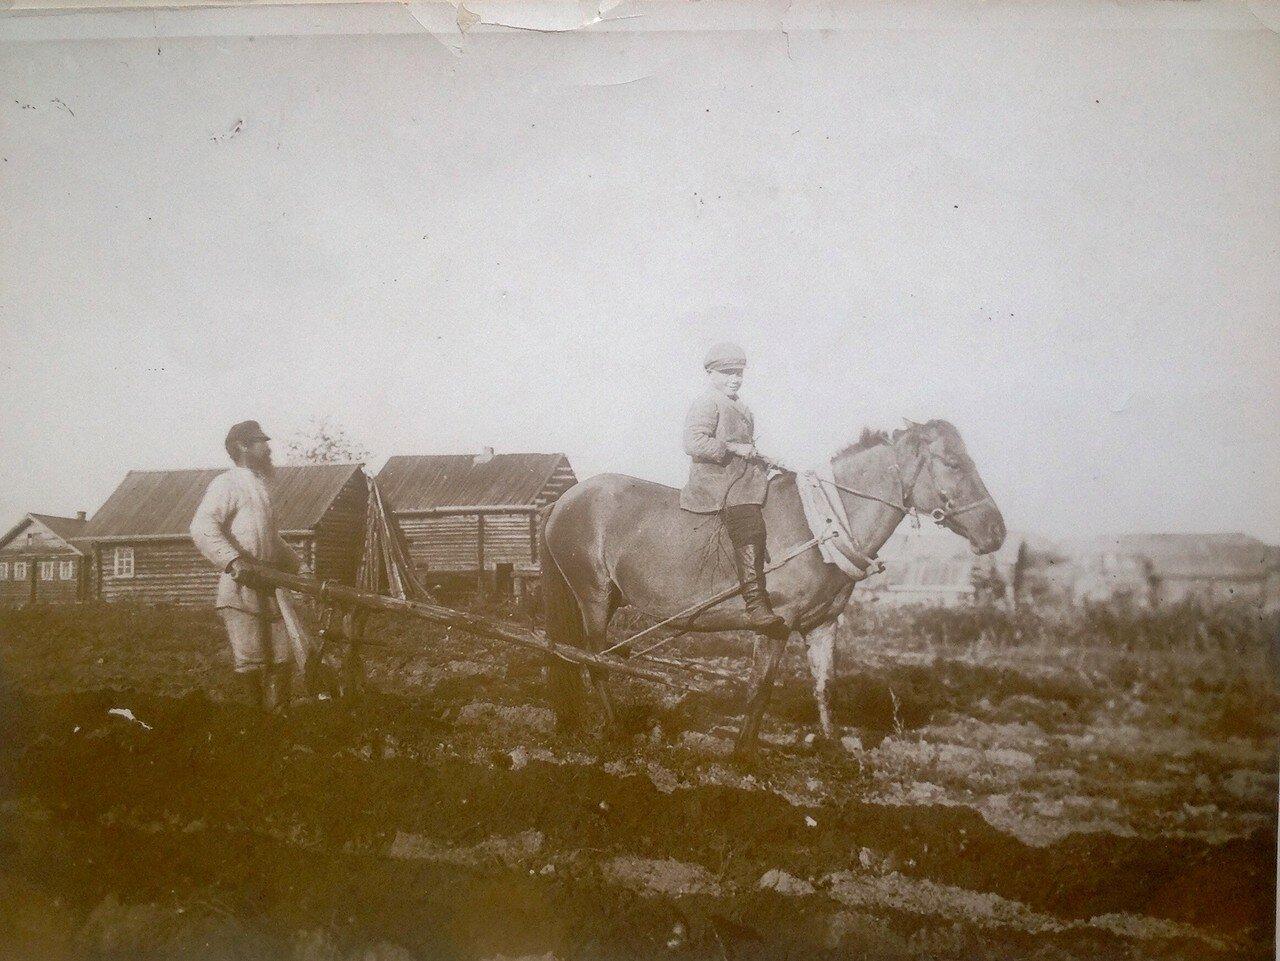 1928. Деревня Сяргозеро Лодейнопольского района